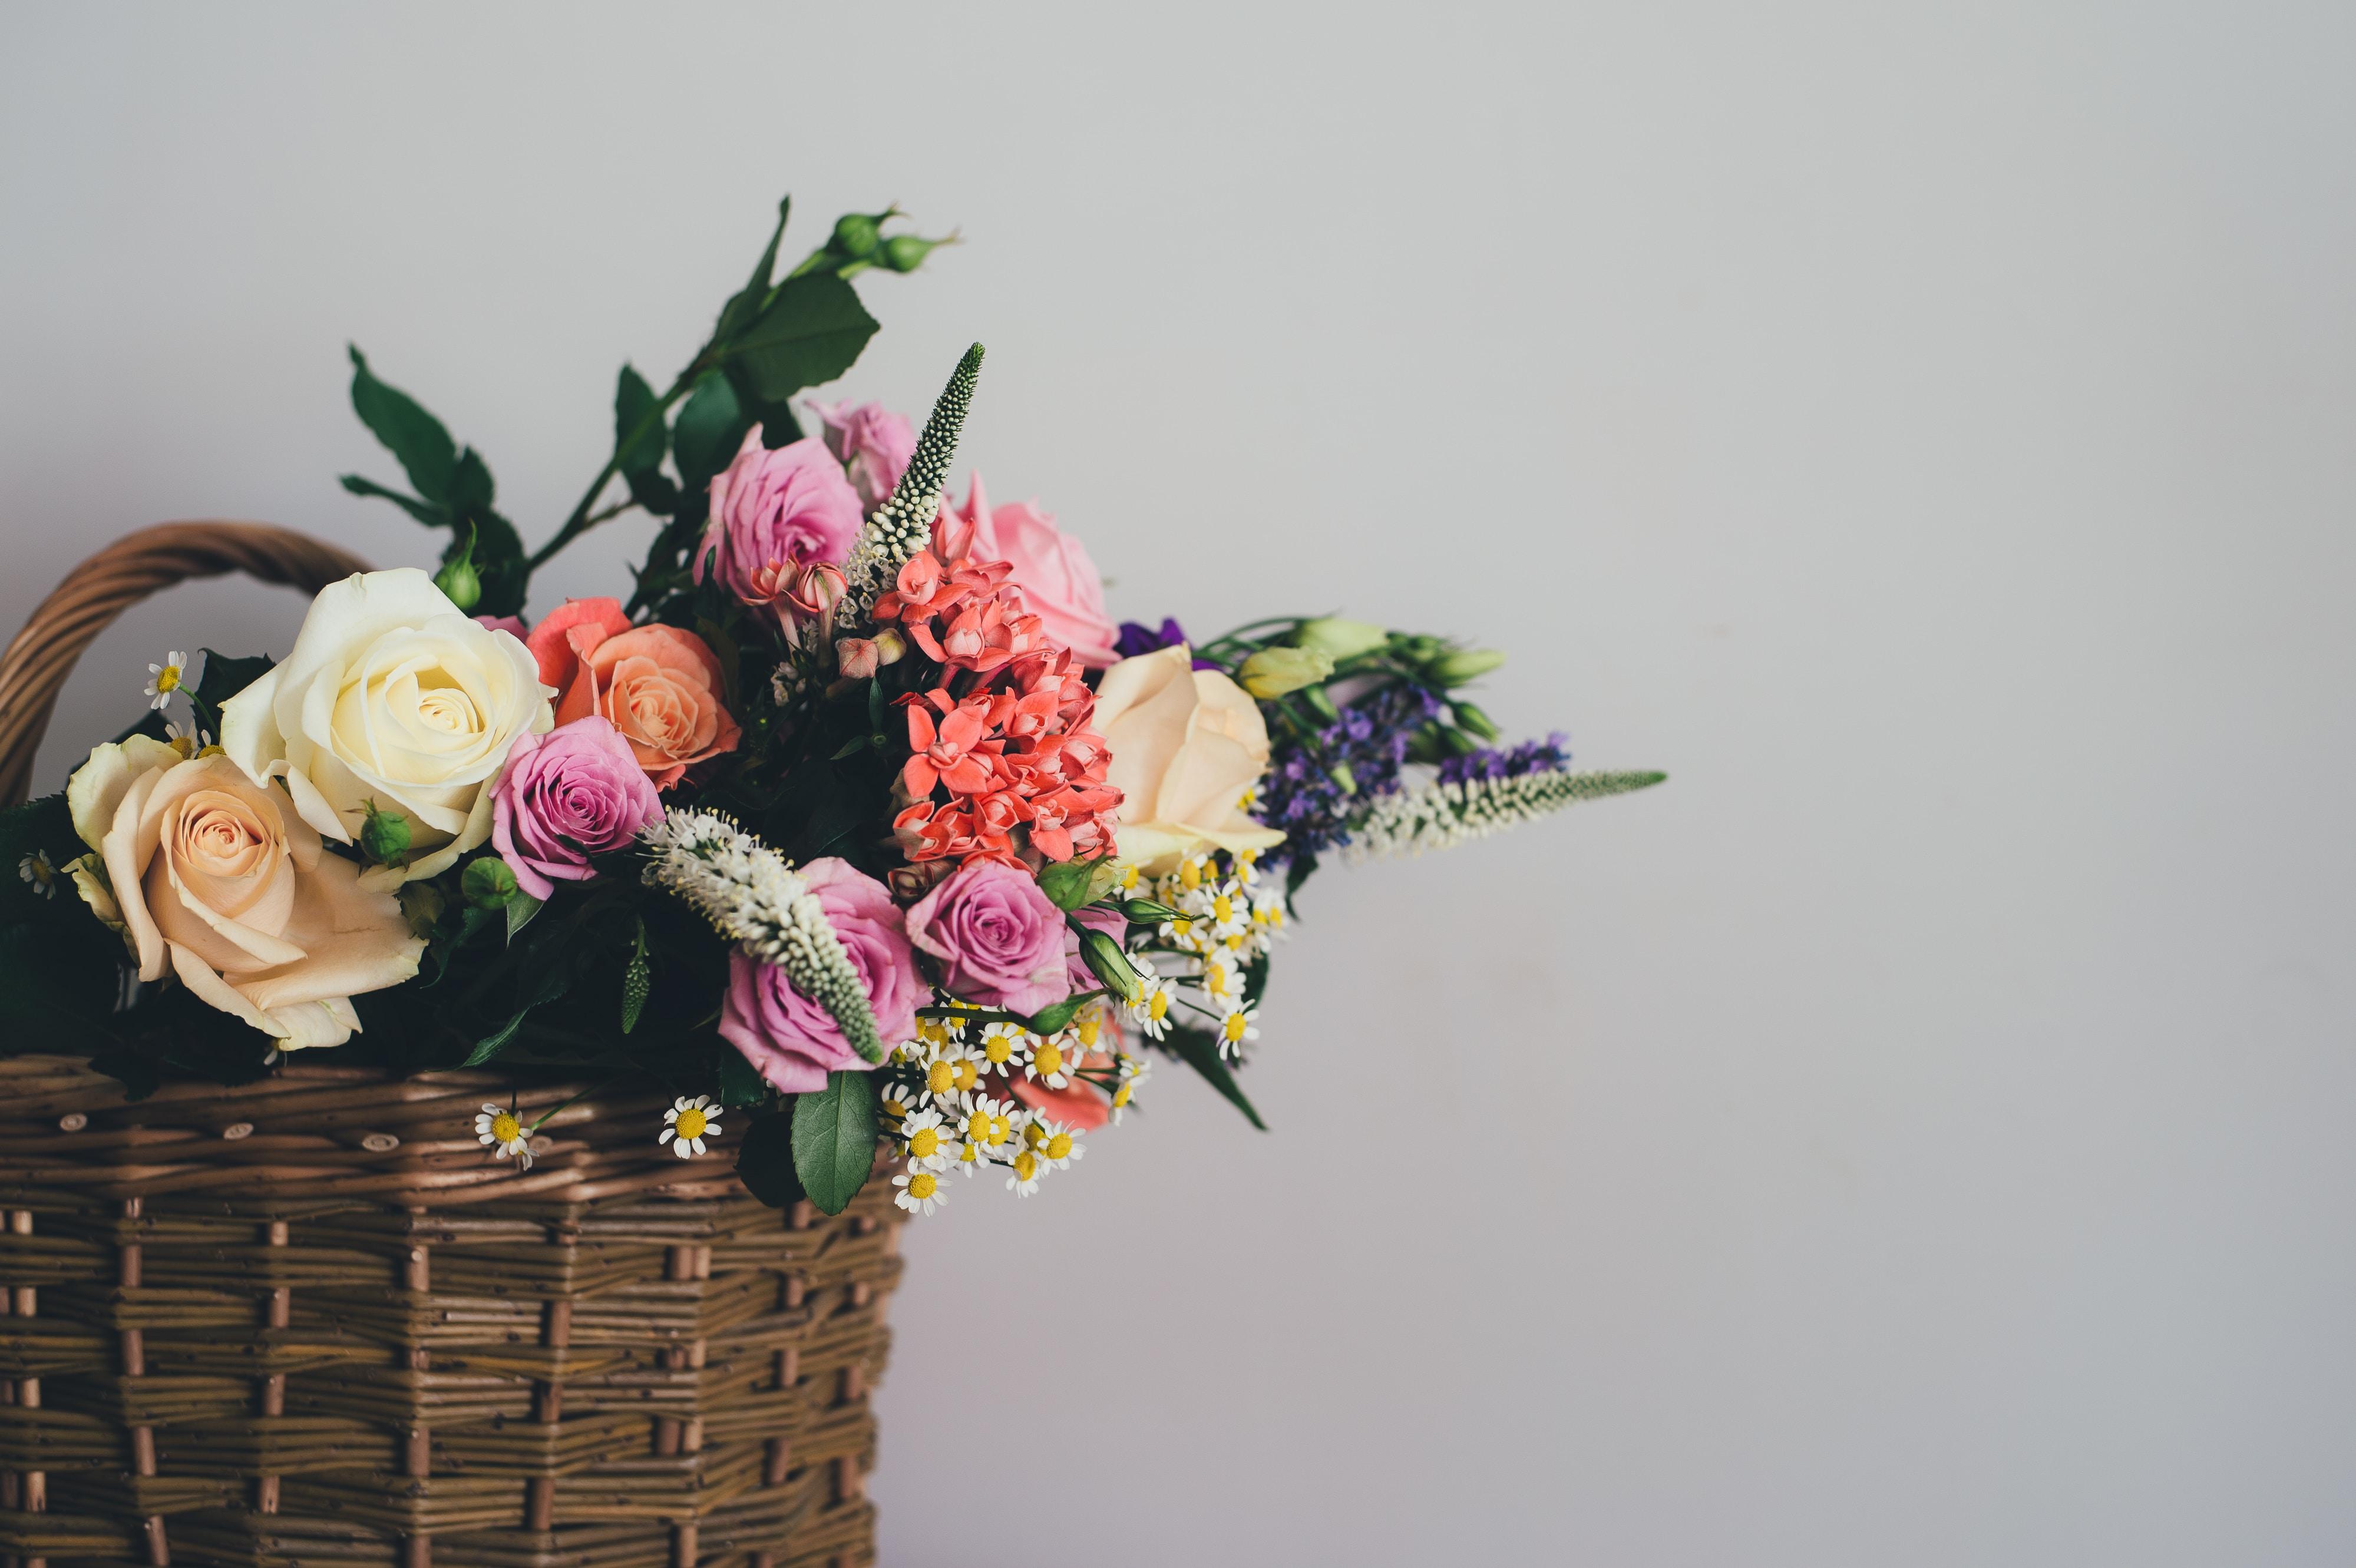 eye catching flower basket hd photo by annie spratt anniespratt rh unsplash com